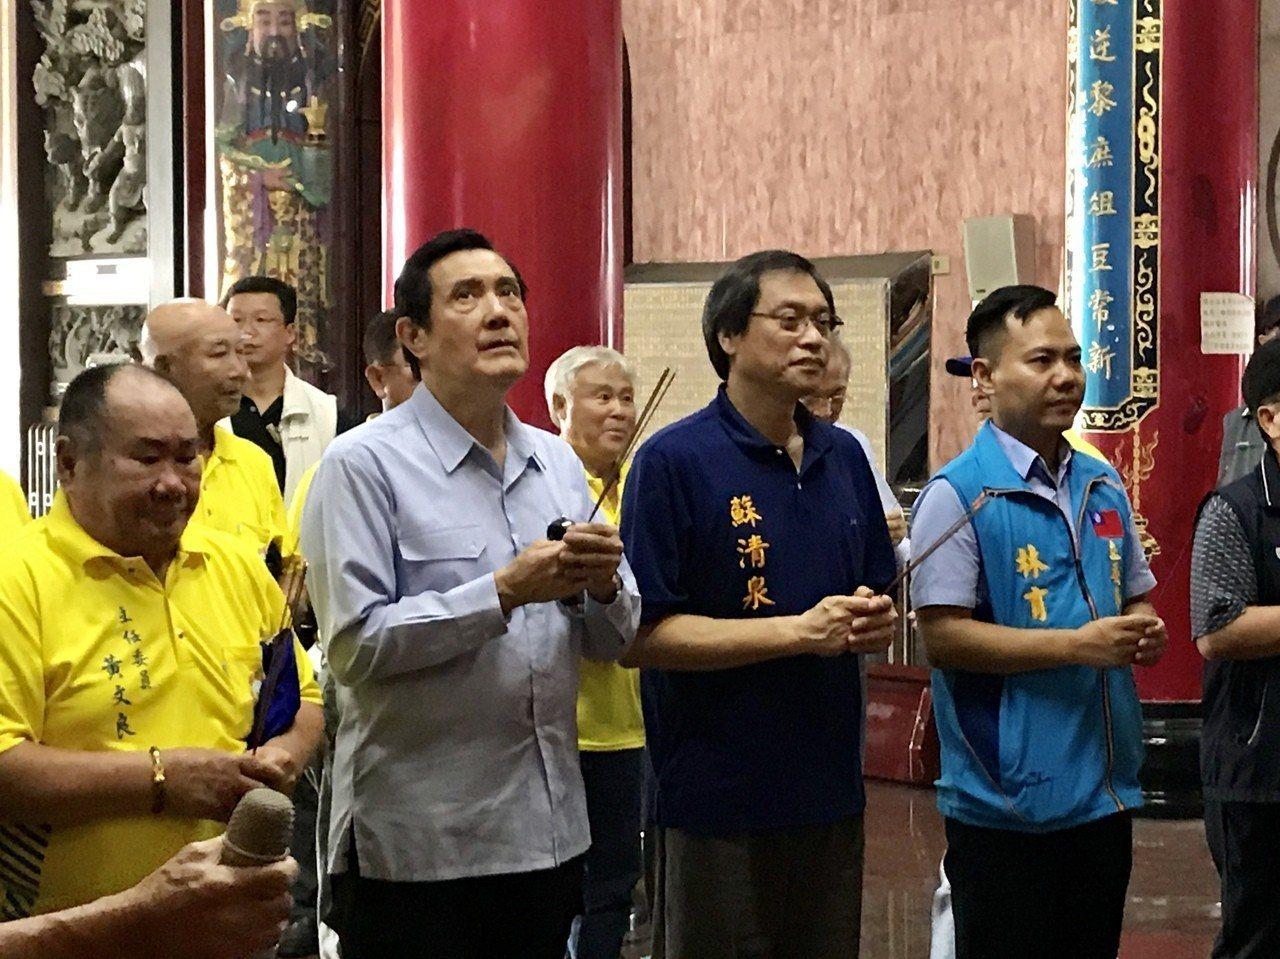 馬英九今日造訪小琉球,參拜三隆宮三府千歲,眼神不斷向上飄。記者江國豪/攝影